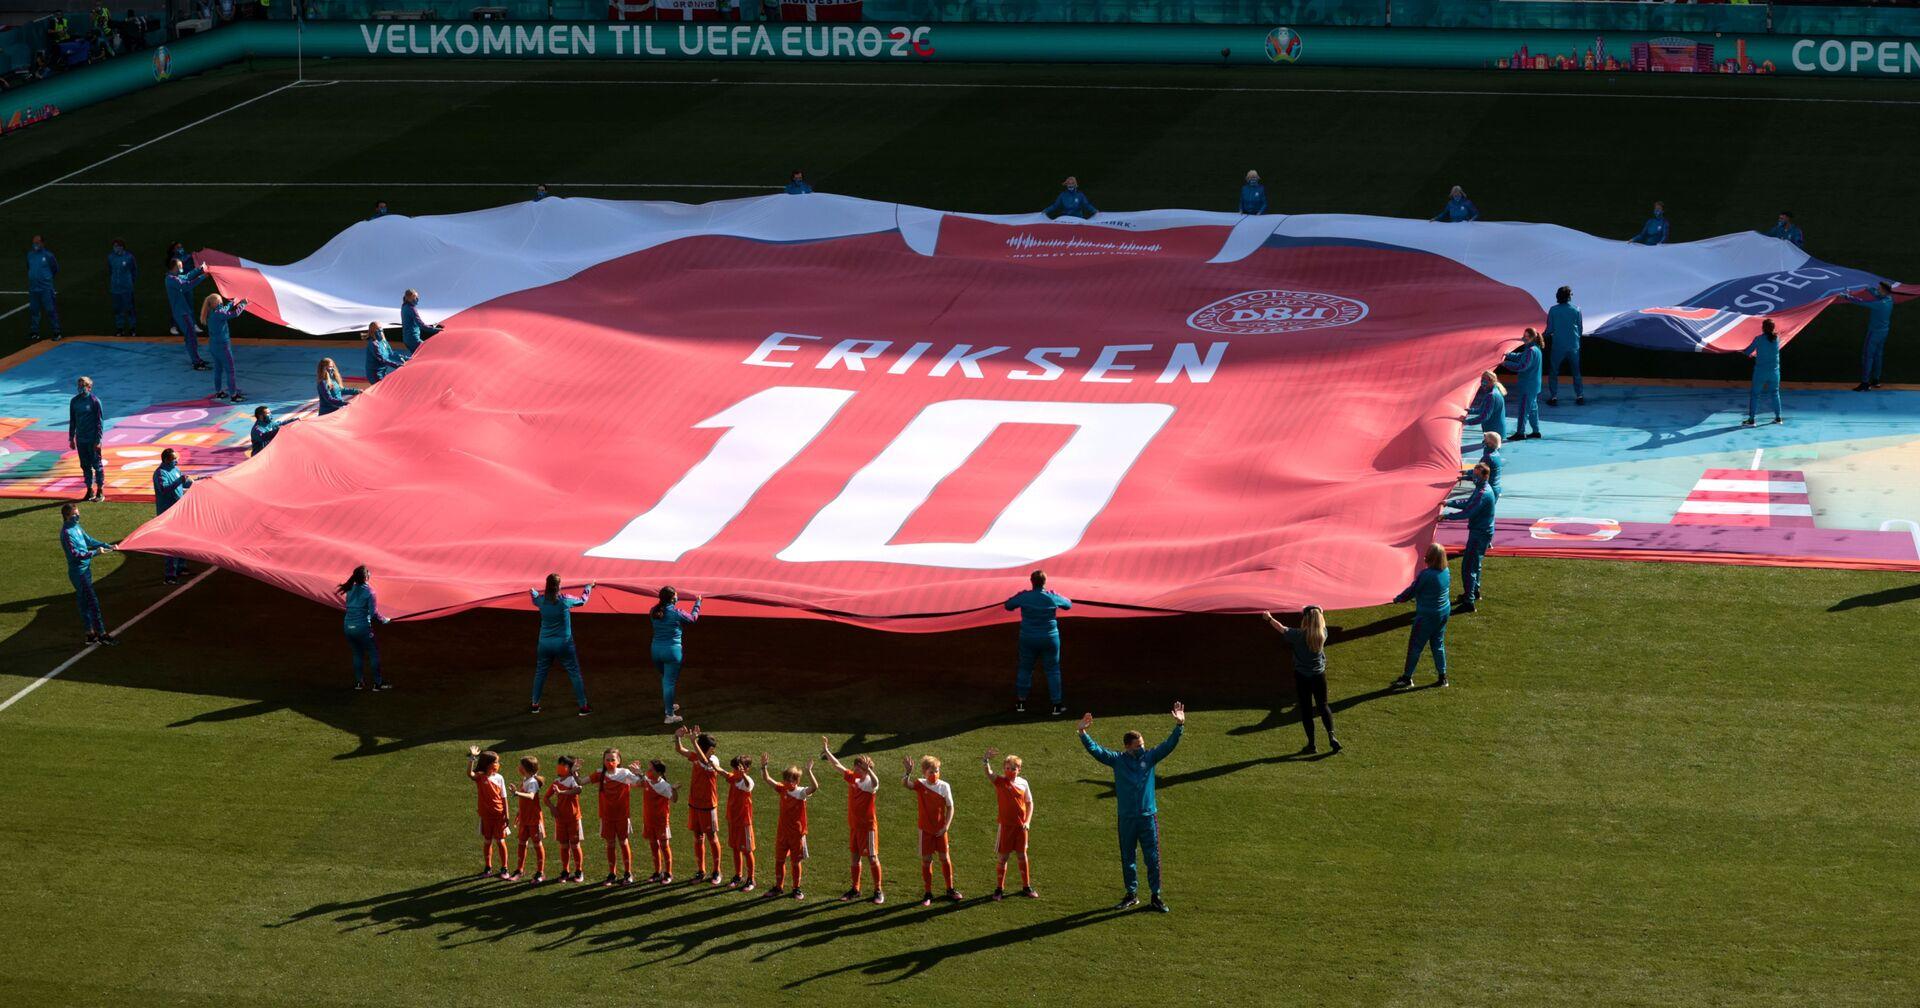 ЕURО 2020: Đội tuyển Đan Mạch thua đội tuyển Bỉ với tỷ số 1:2 - Sputnik Việt Nam, 1920, 18.06.2021